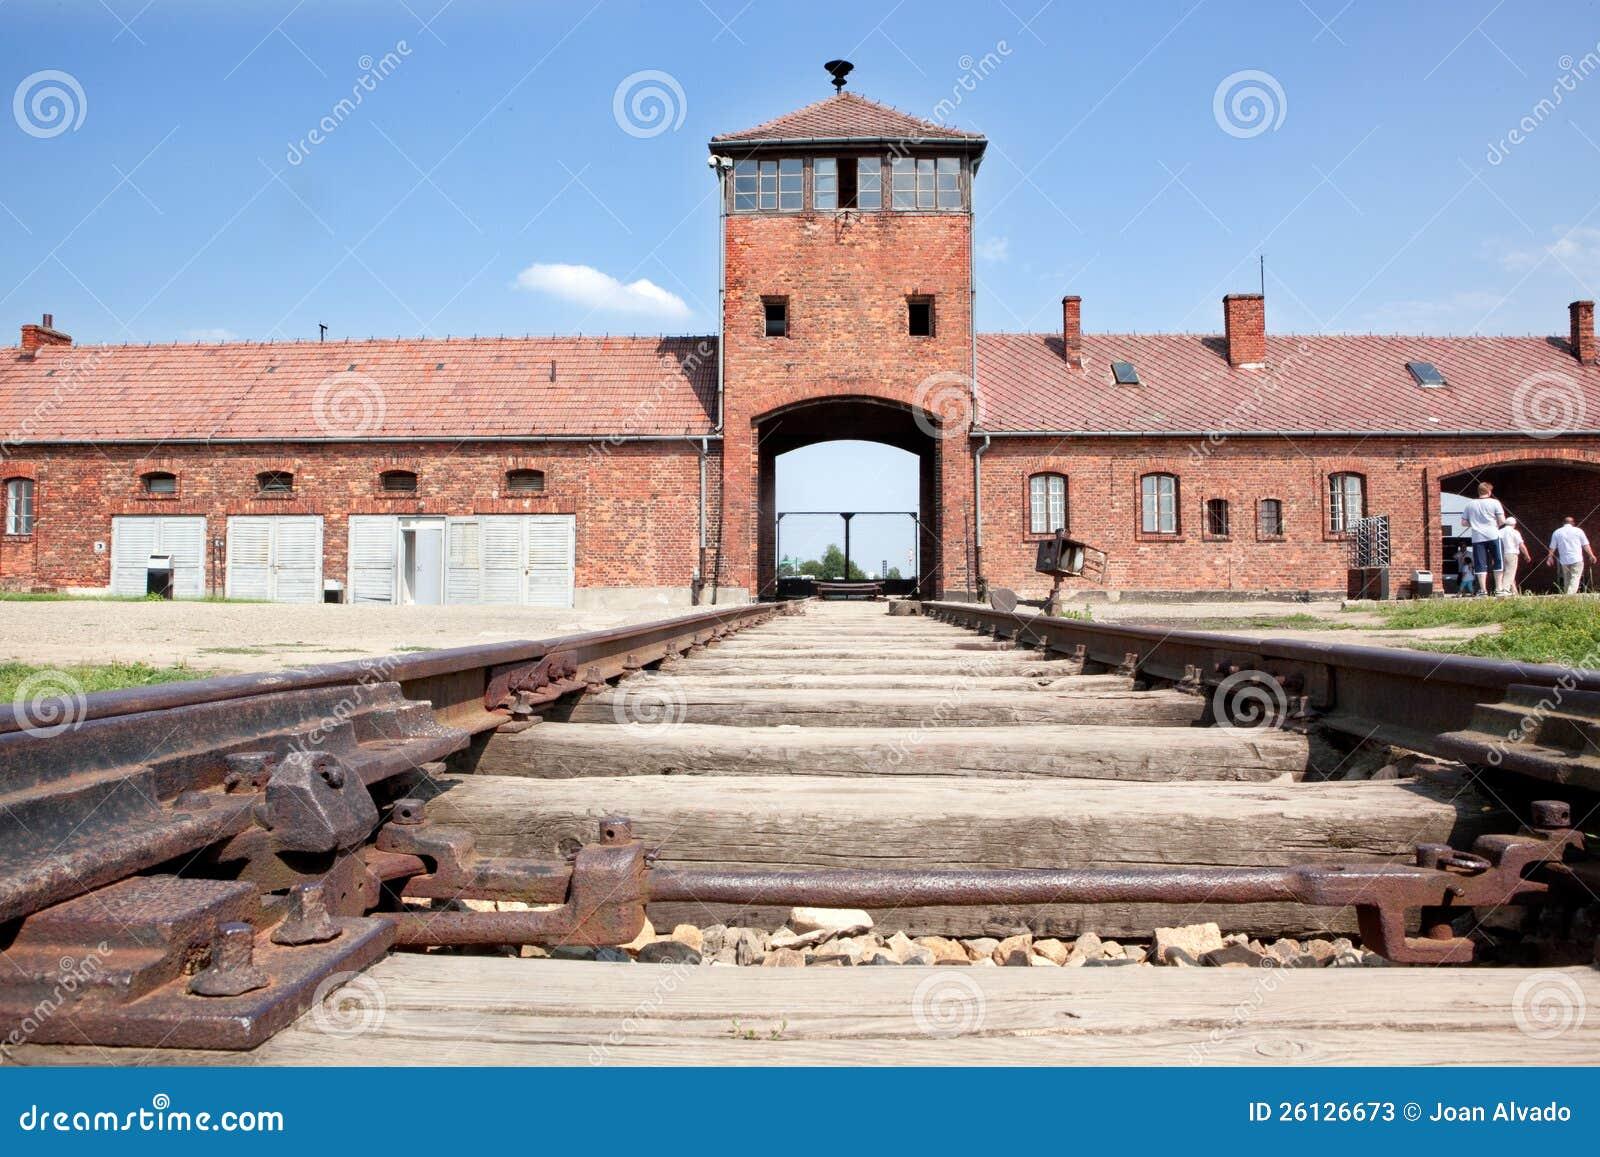 Haupteingang Auschwitz-Birkenau mit Gleisen.